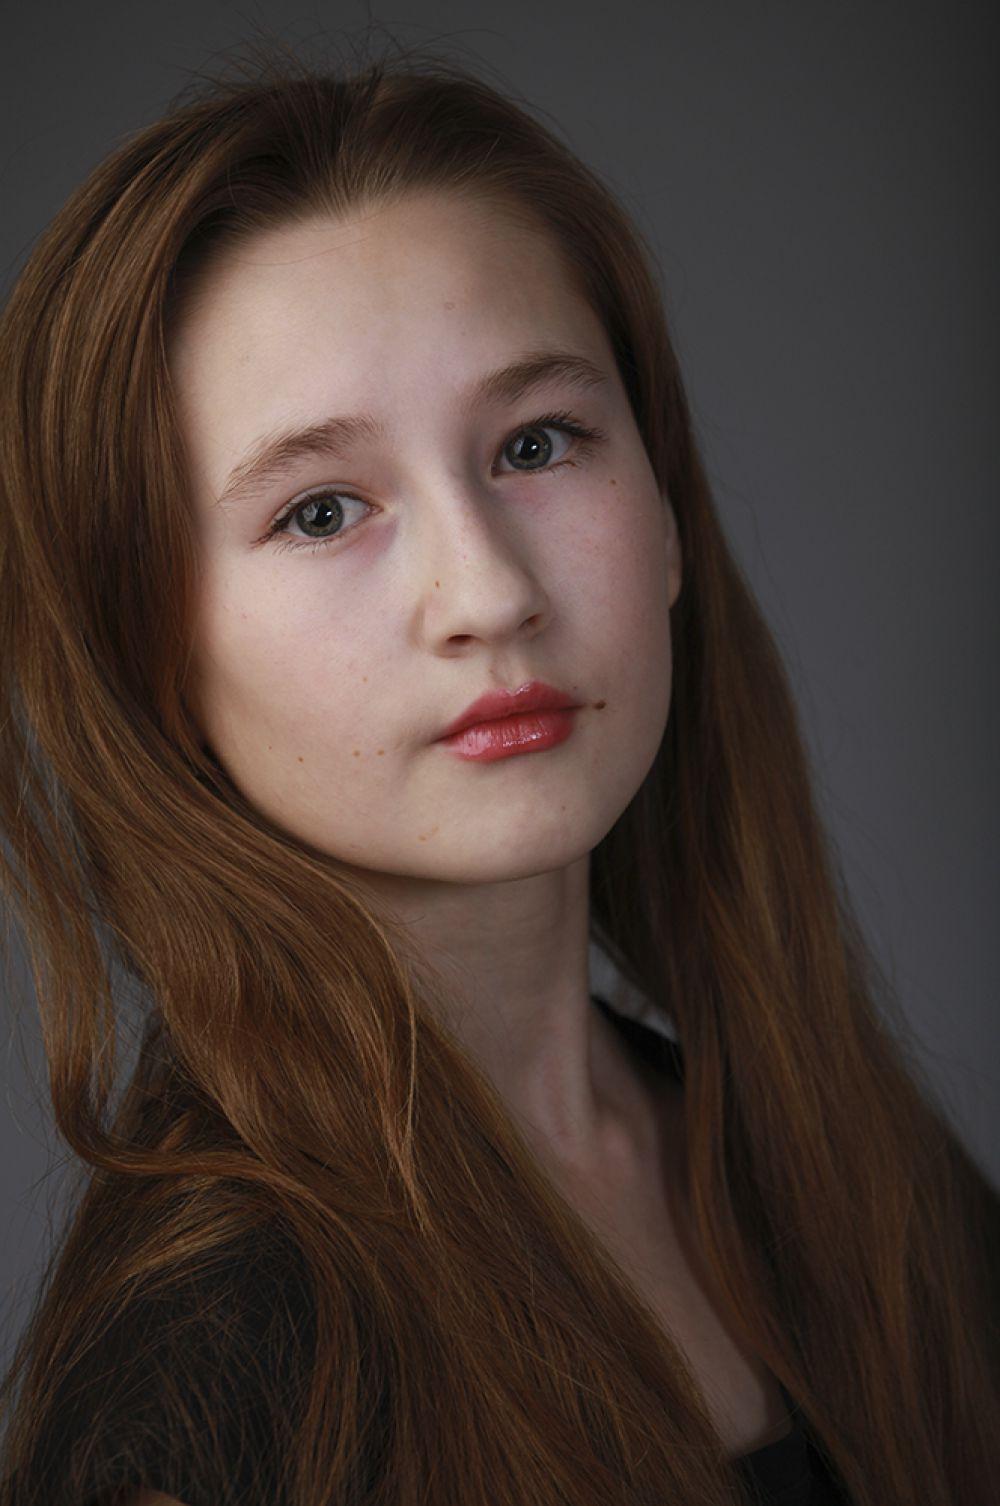 София Ситникова, 12 лет, 6-ой конкурс красоты и талантов «Юная Мисс Вятка-2016».